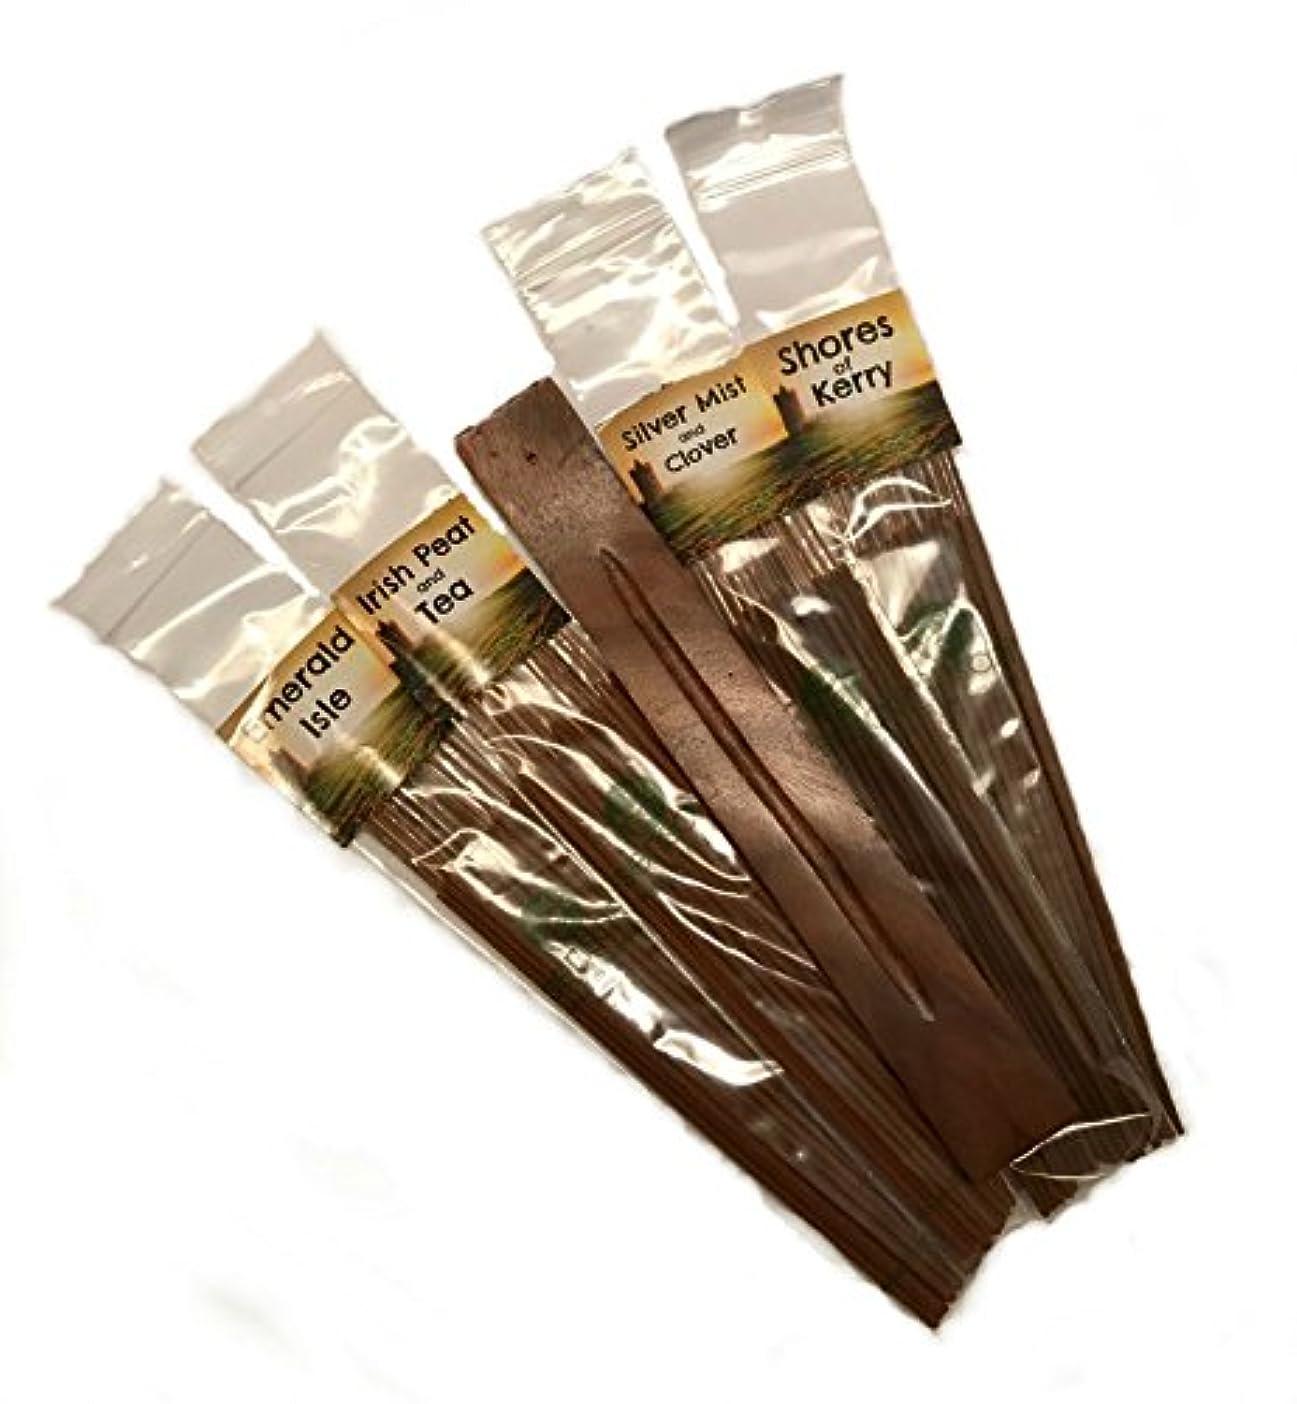 オーストラリア人のメンタルIrish Incense Assortment & Ashキャッチャーギフトセット – 96スティック、4国アイルランドの香り – 新しい